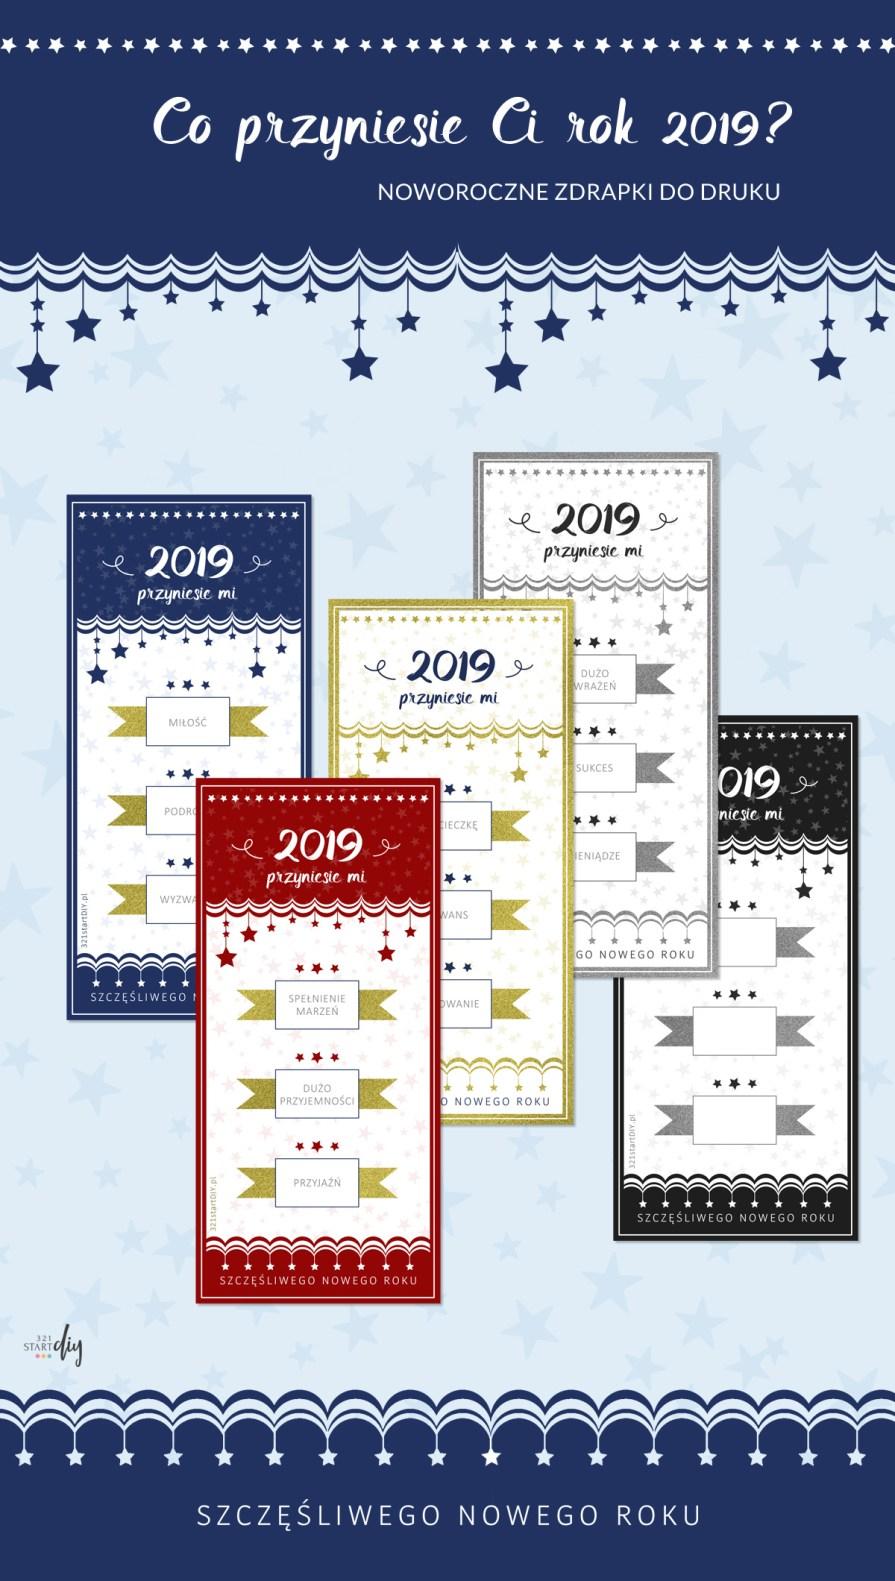 Co przyniesie Ci rok 2019 - noworoczna wróżba zdrapka do druku